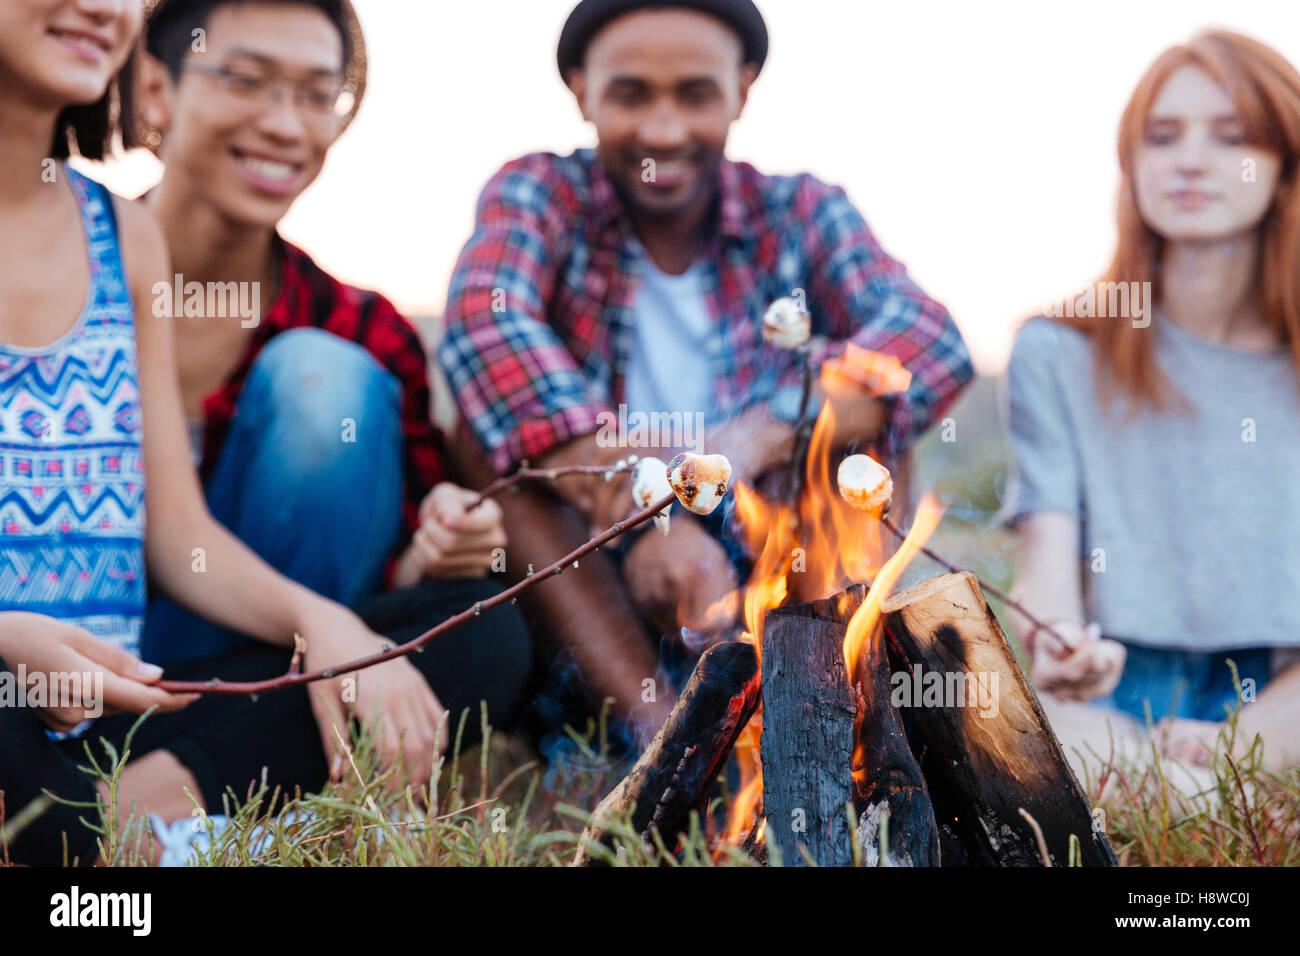 Multiethnische Gruppe von fröhlichen Jugendlichen sprechen und Marshmallows am Lagerfeuer im Freien im Sommer Stockbild